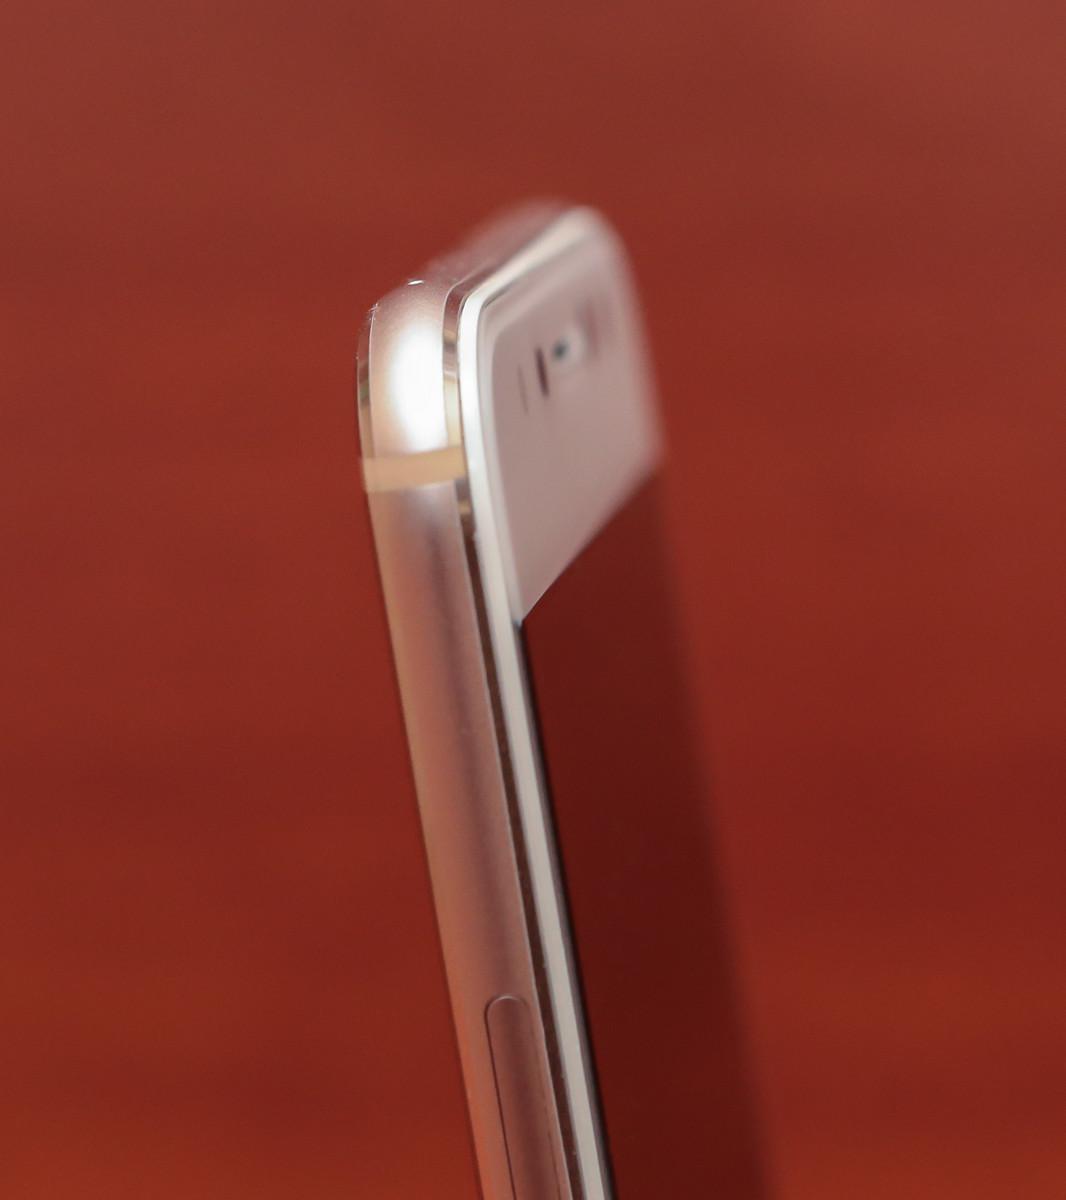 Обзор смартфона ASUS ZenFone 4 Selfie Pro - 15